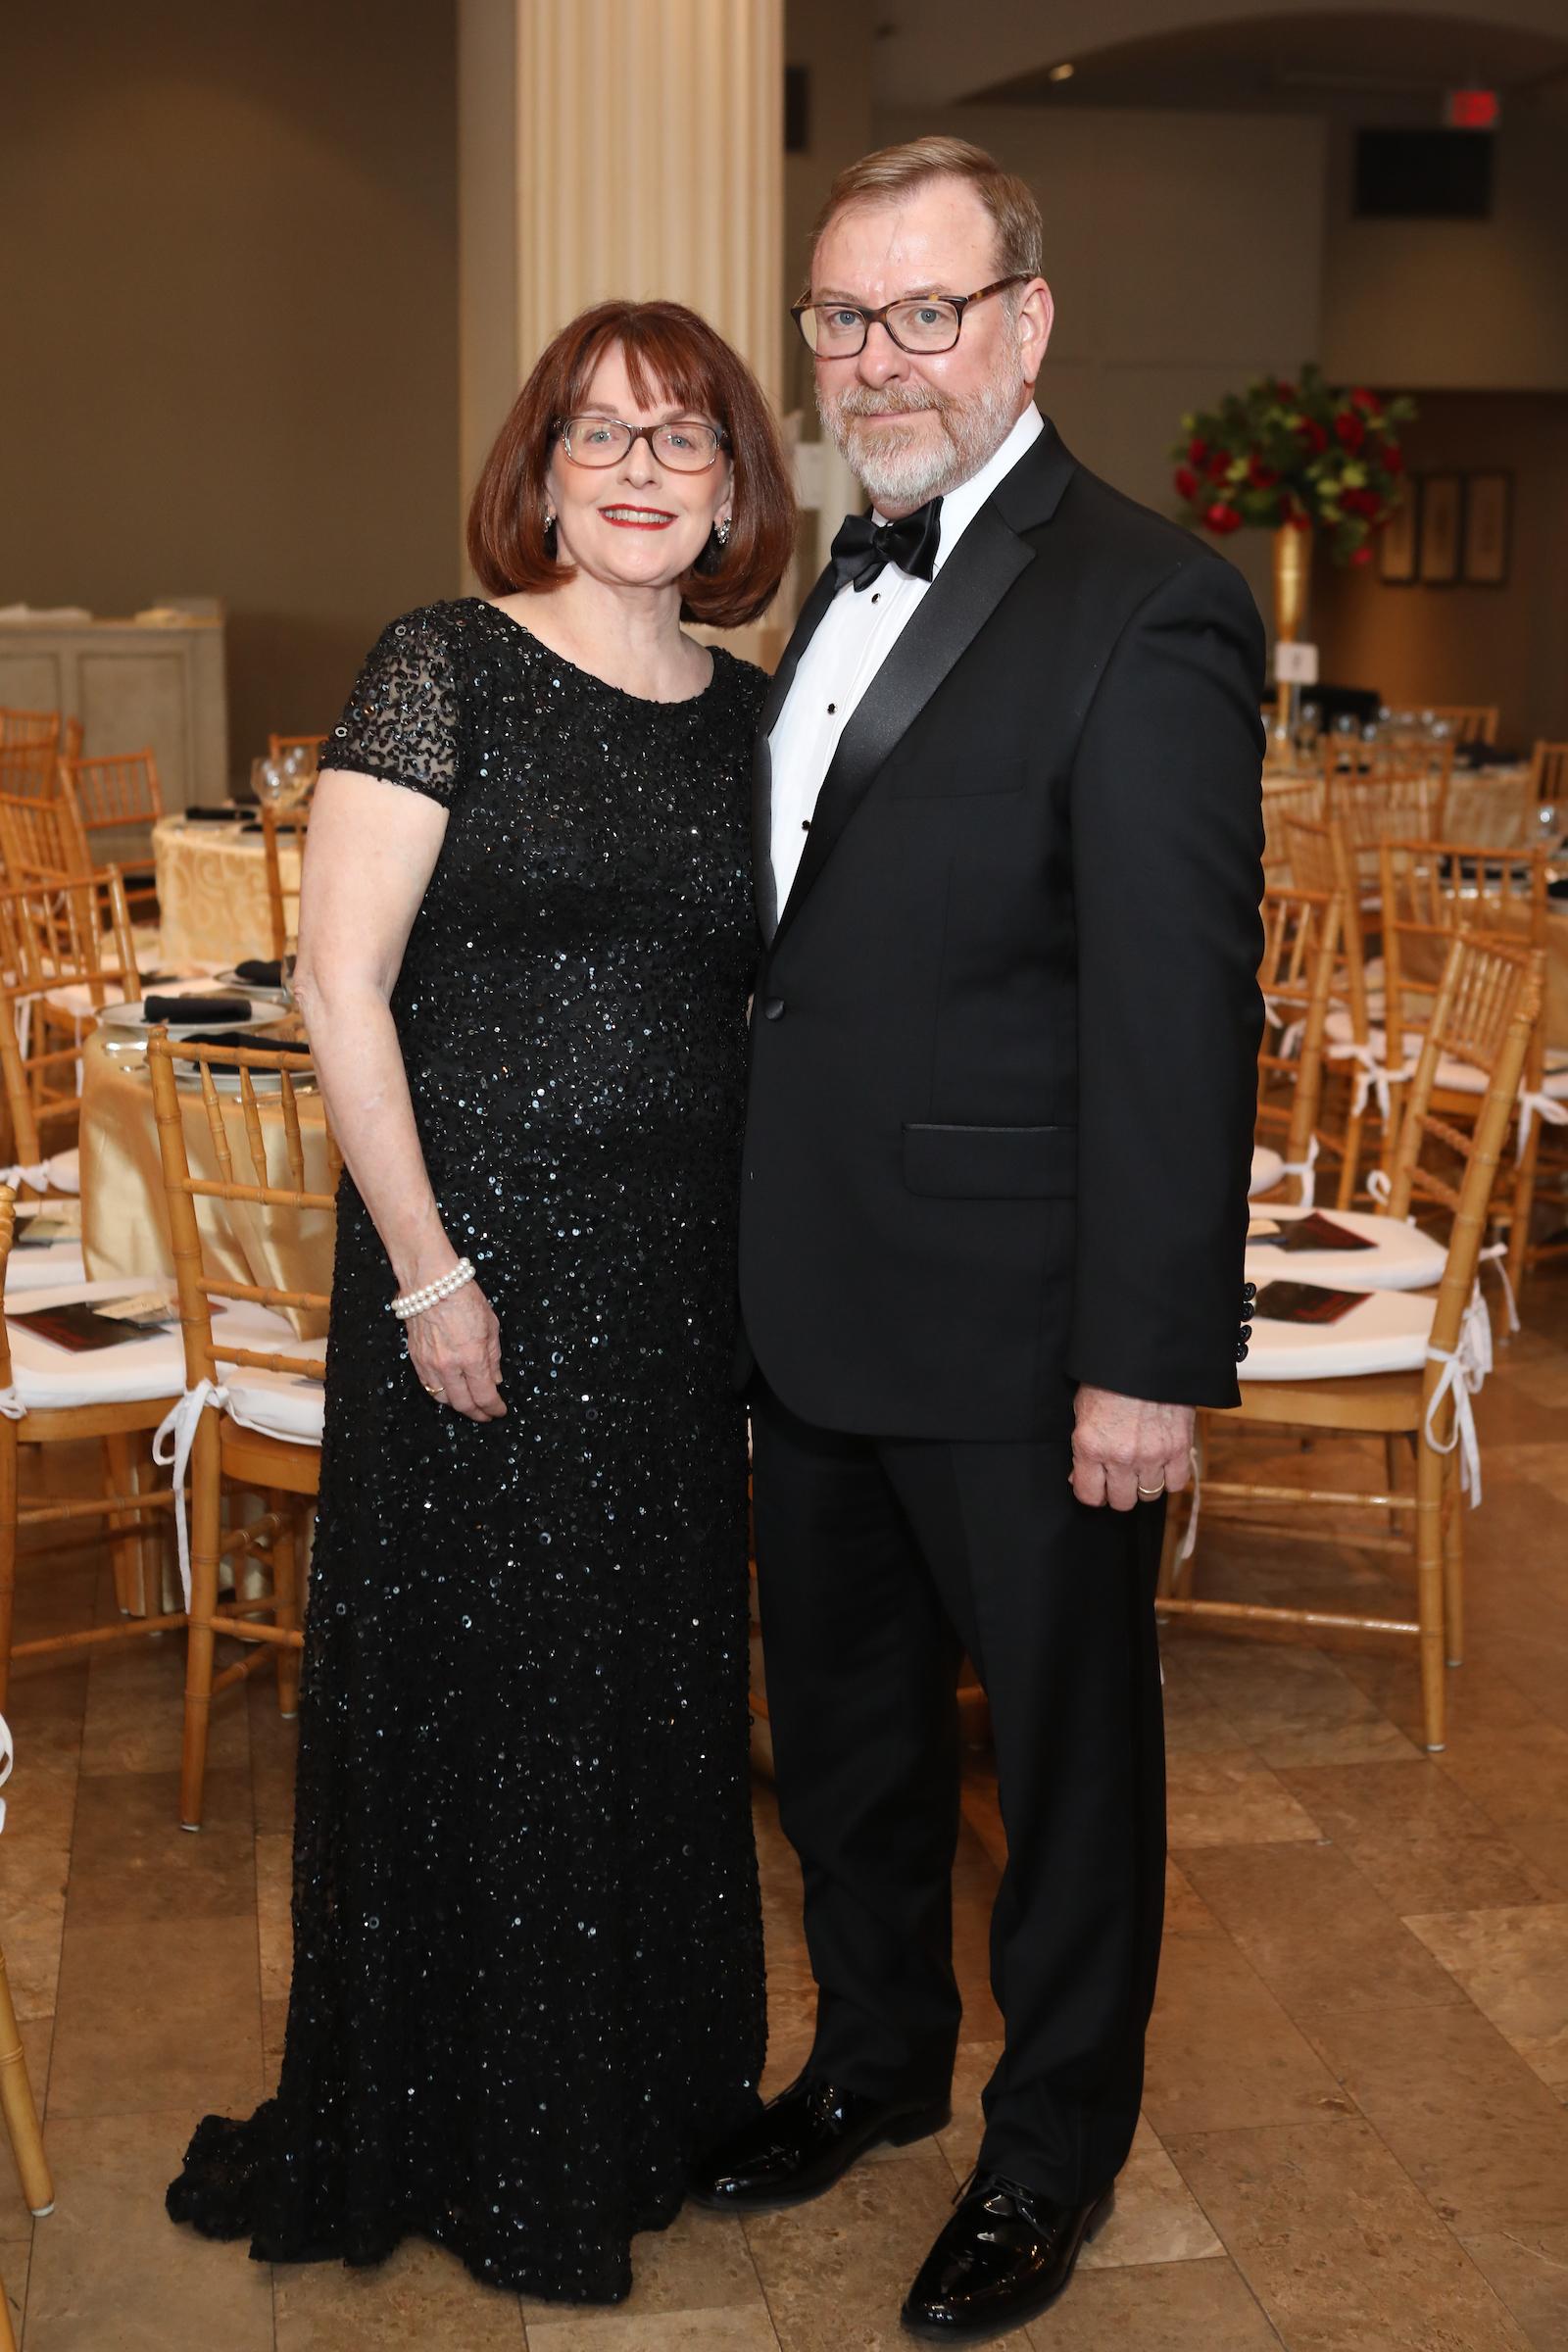 0V3A8830- Auction Chairs Gail & Chris Williamson.jpg